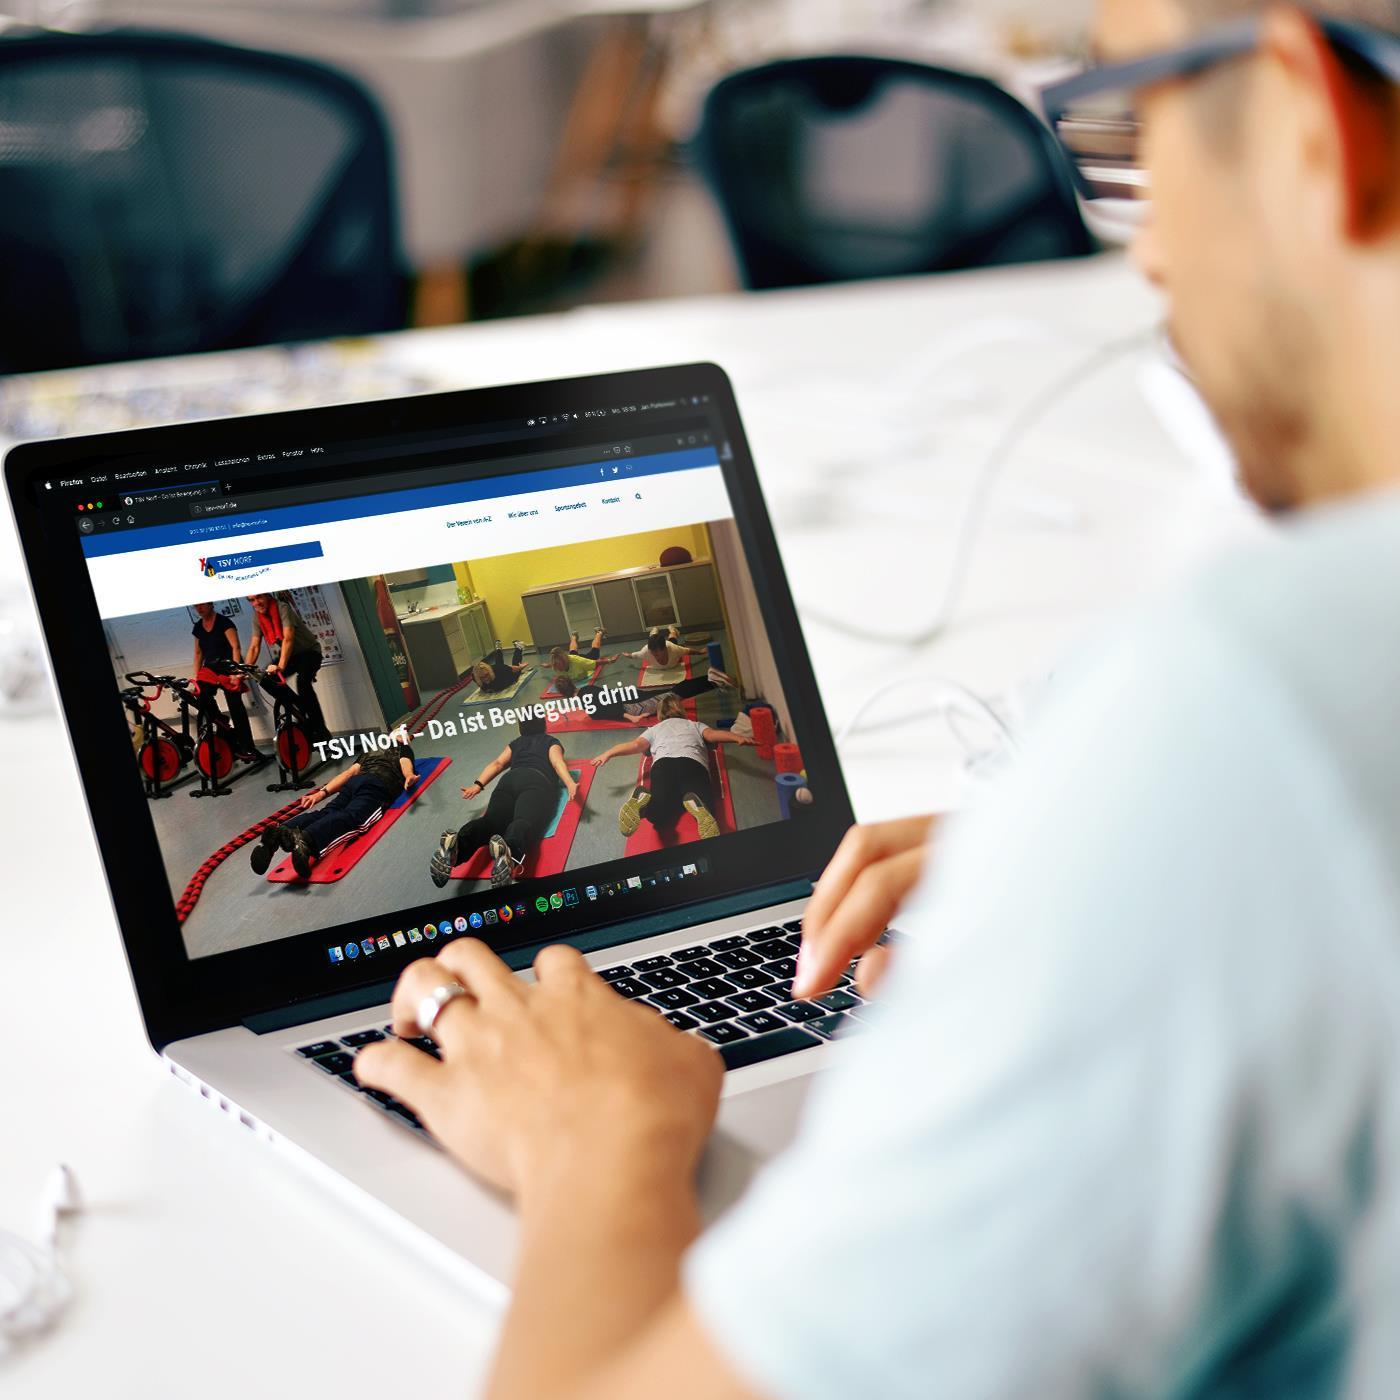 Der TSV Norf bewegt sich – auch im Internet